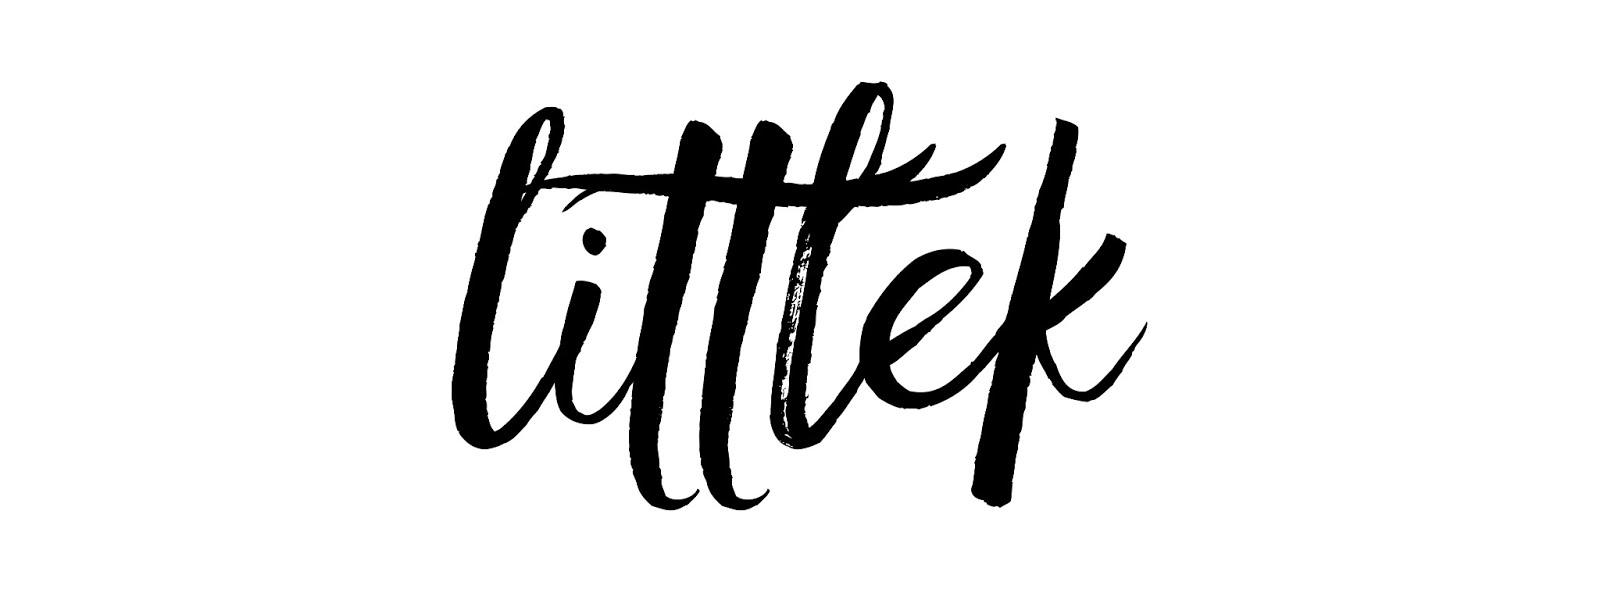 Chels Badger - Littlek